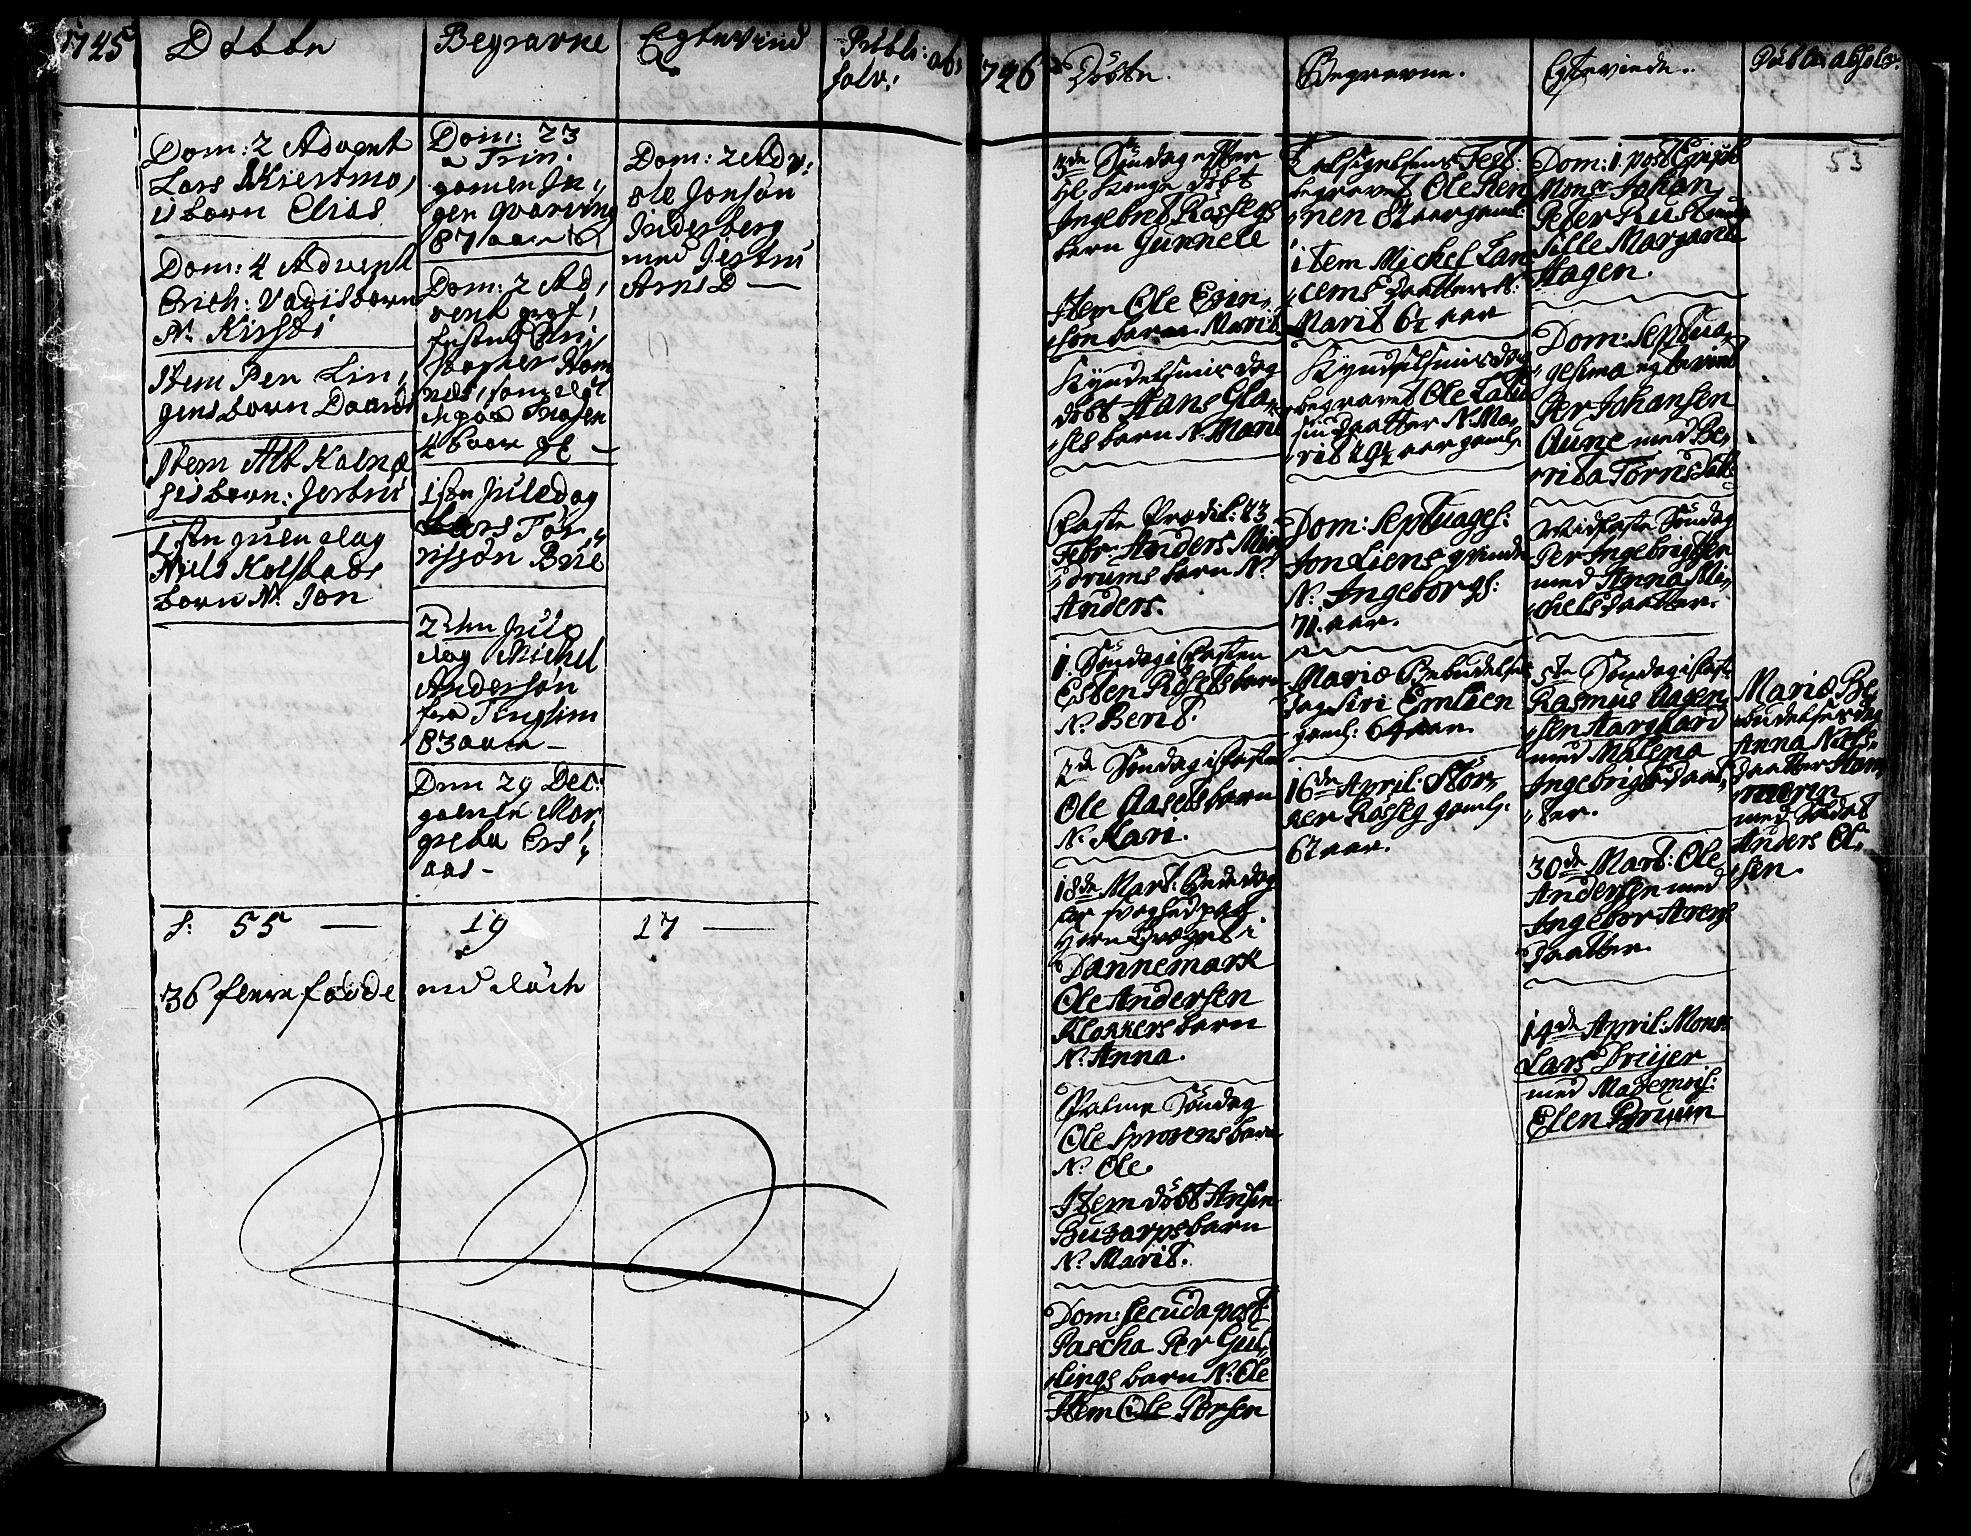 SAT, Ministerialprotokoller, klokkerbøker og fødselsregistre - Nord-Trøndelag, 741/L0385: Ministerialbok nr. 741A01, 1722-1815, s. 53